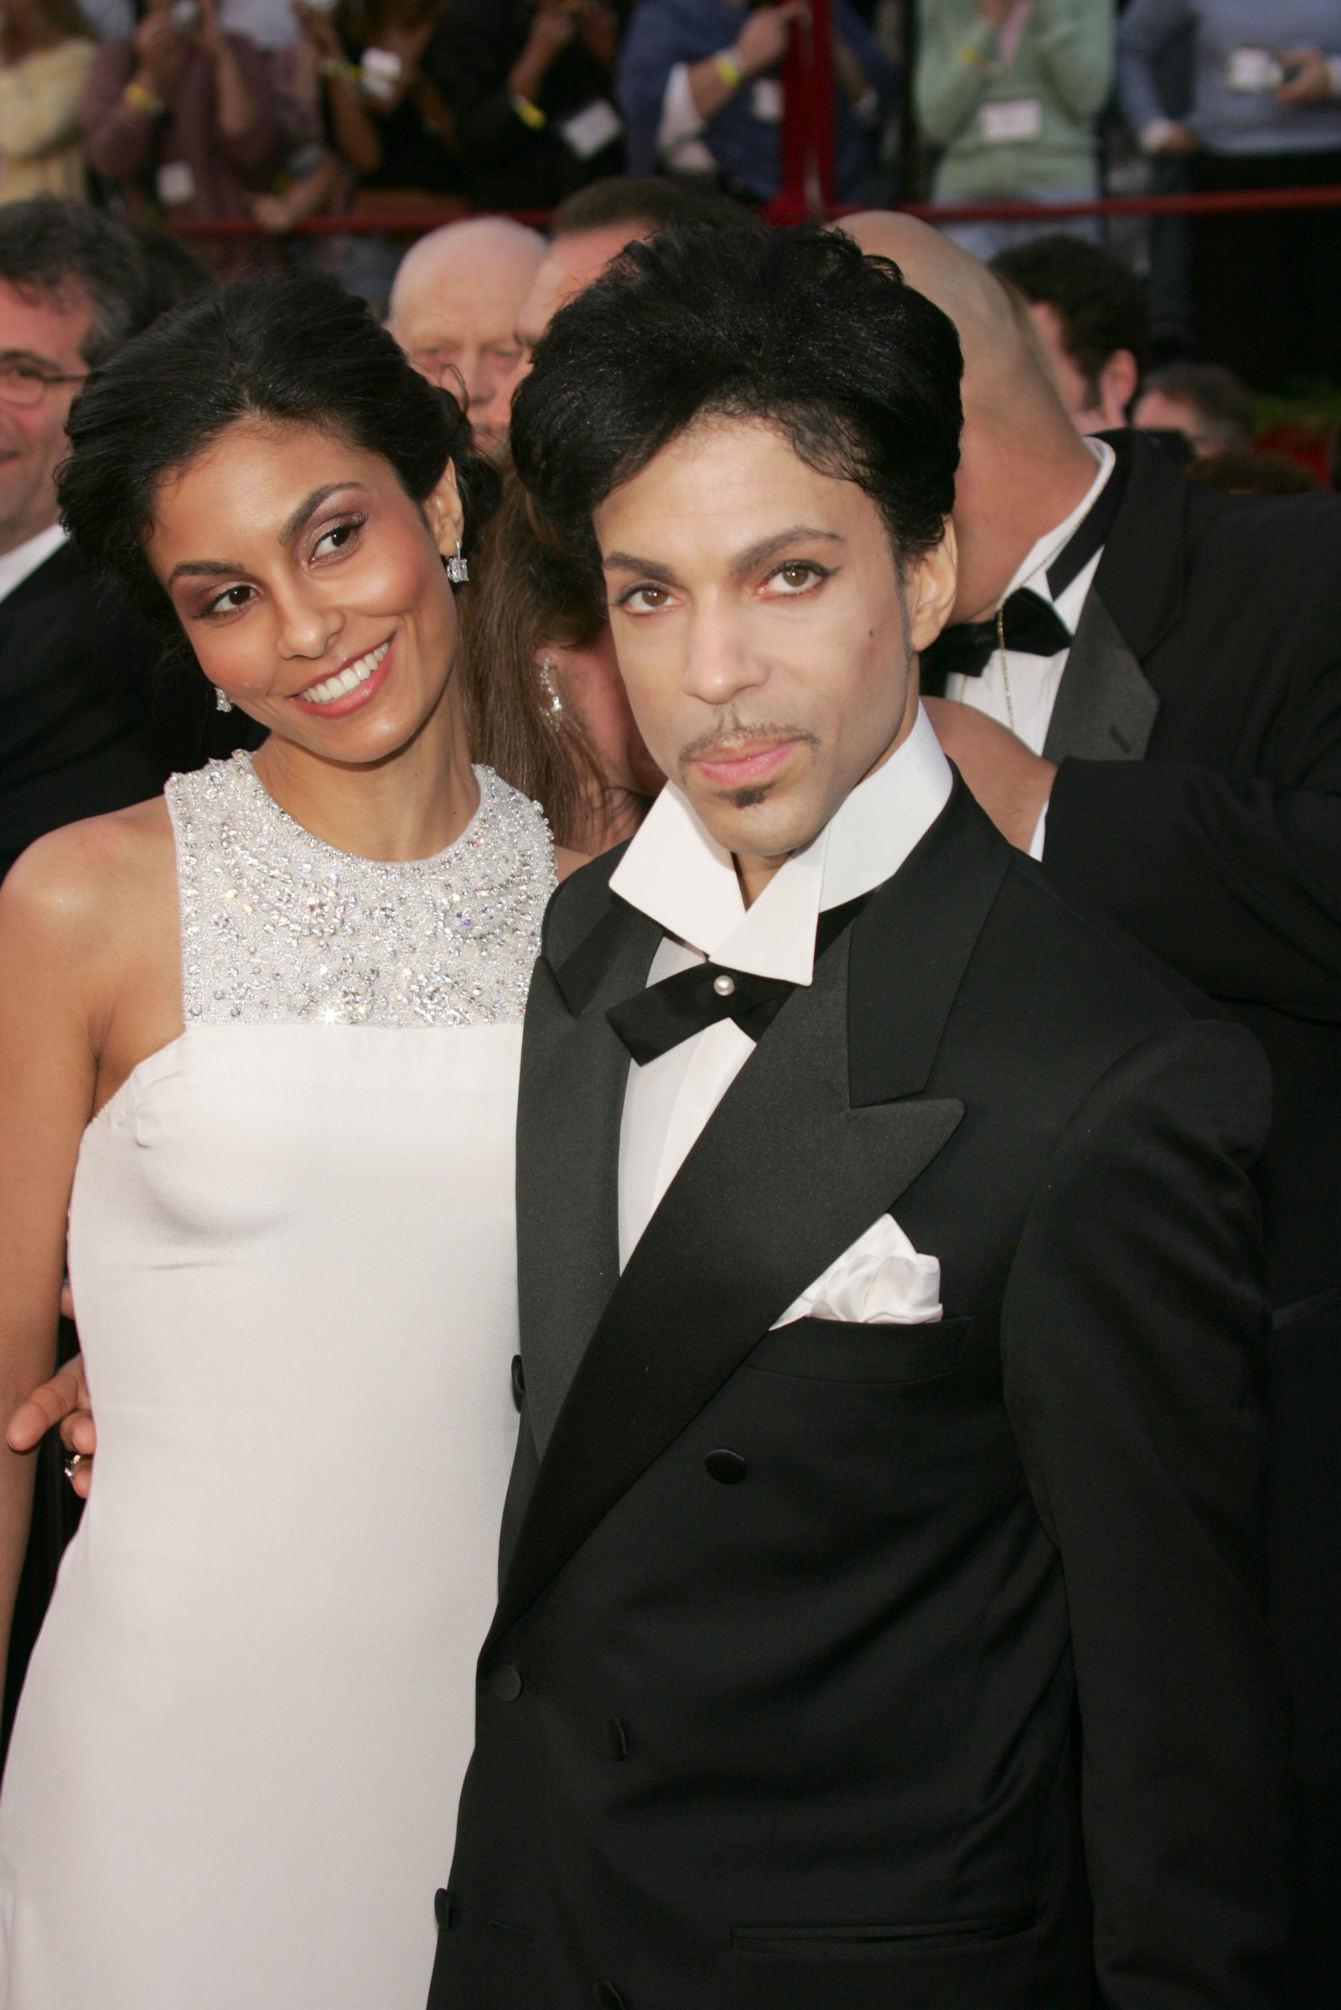 Prince with Manuela Testolini Nelson